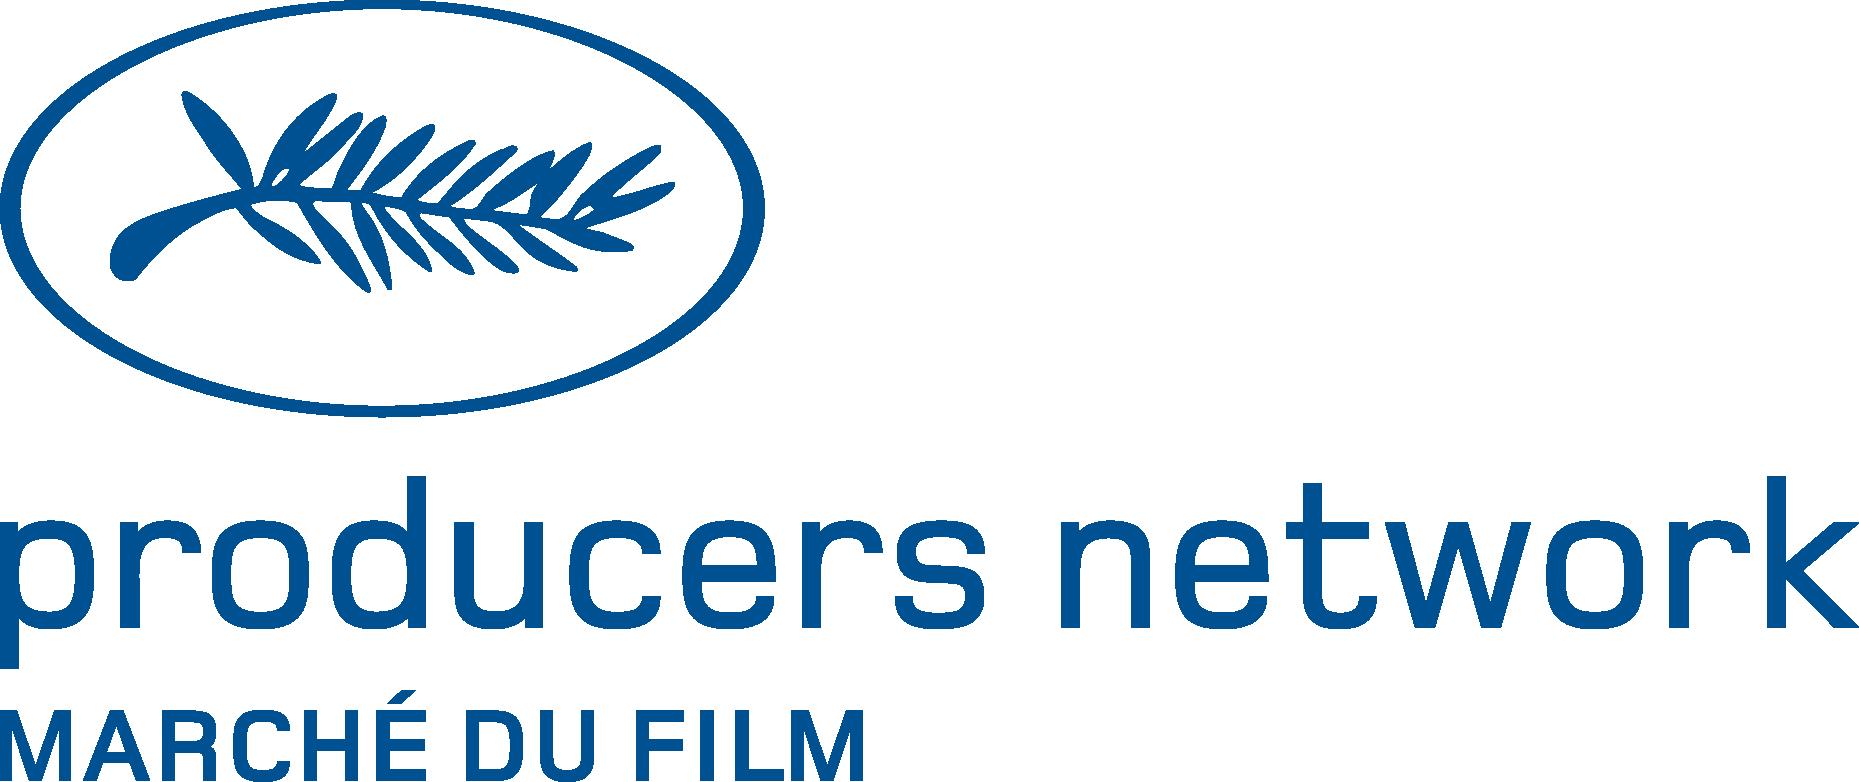 Producers Network - Marché du Film